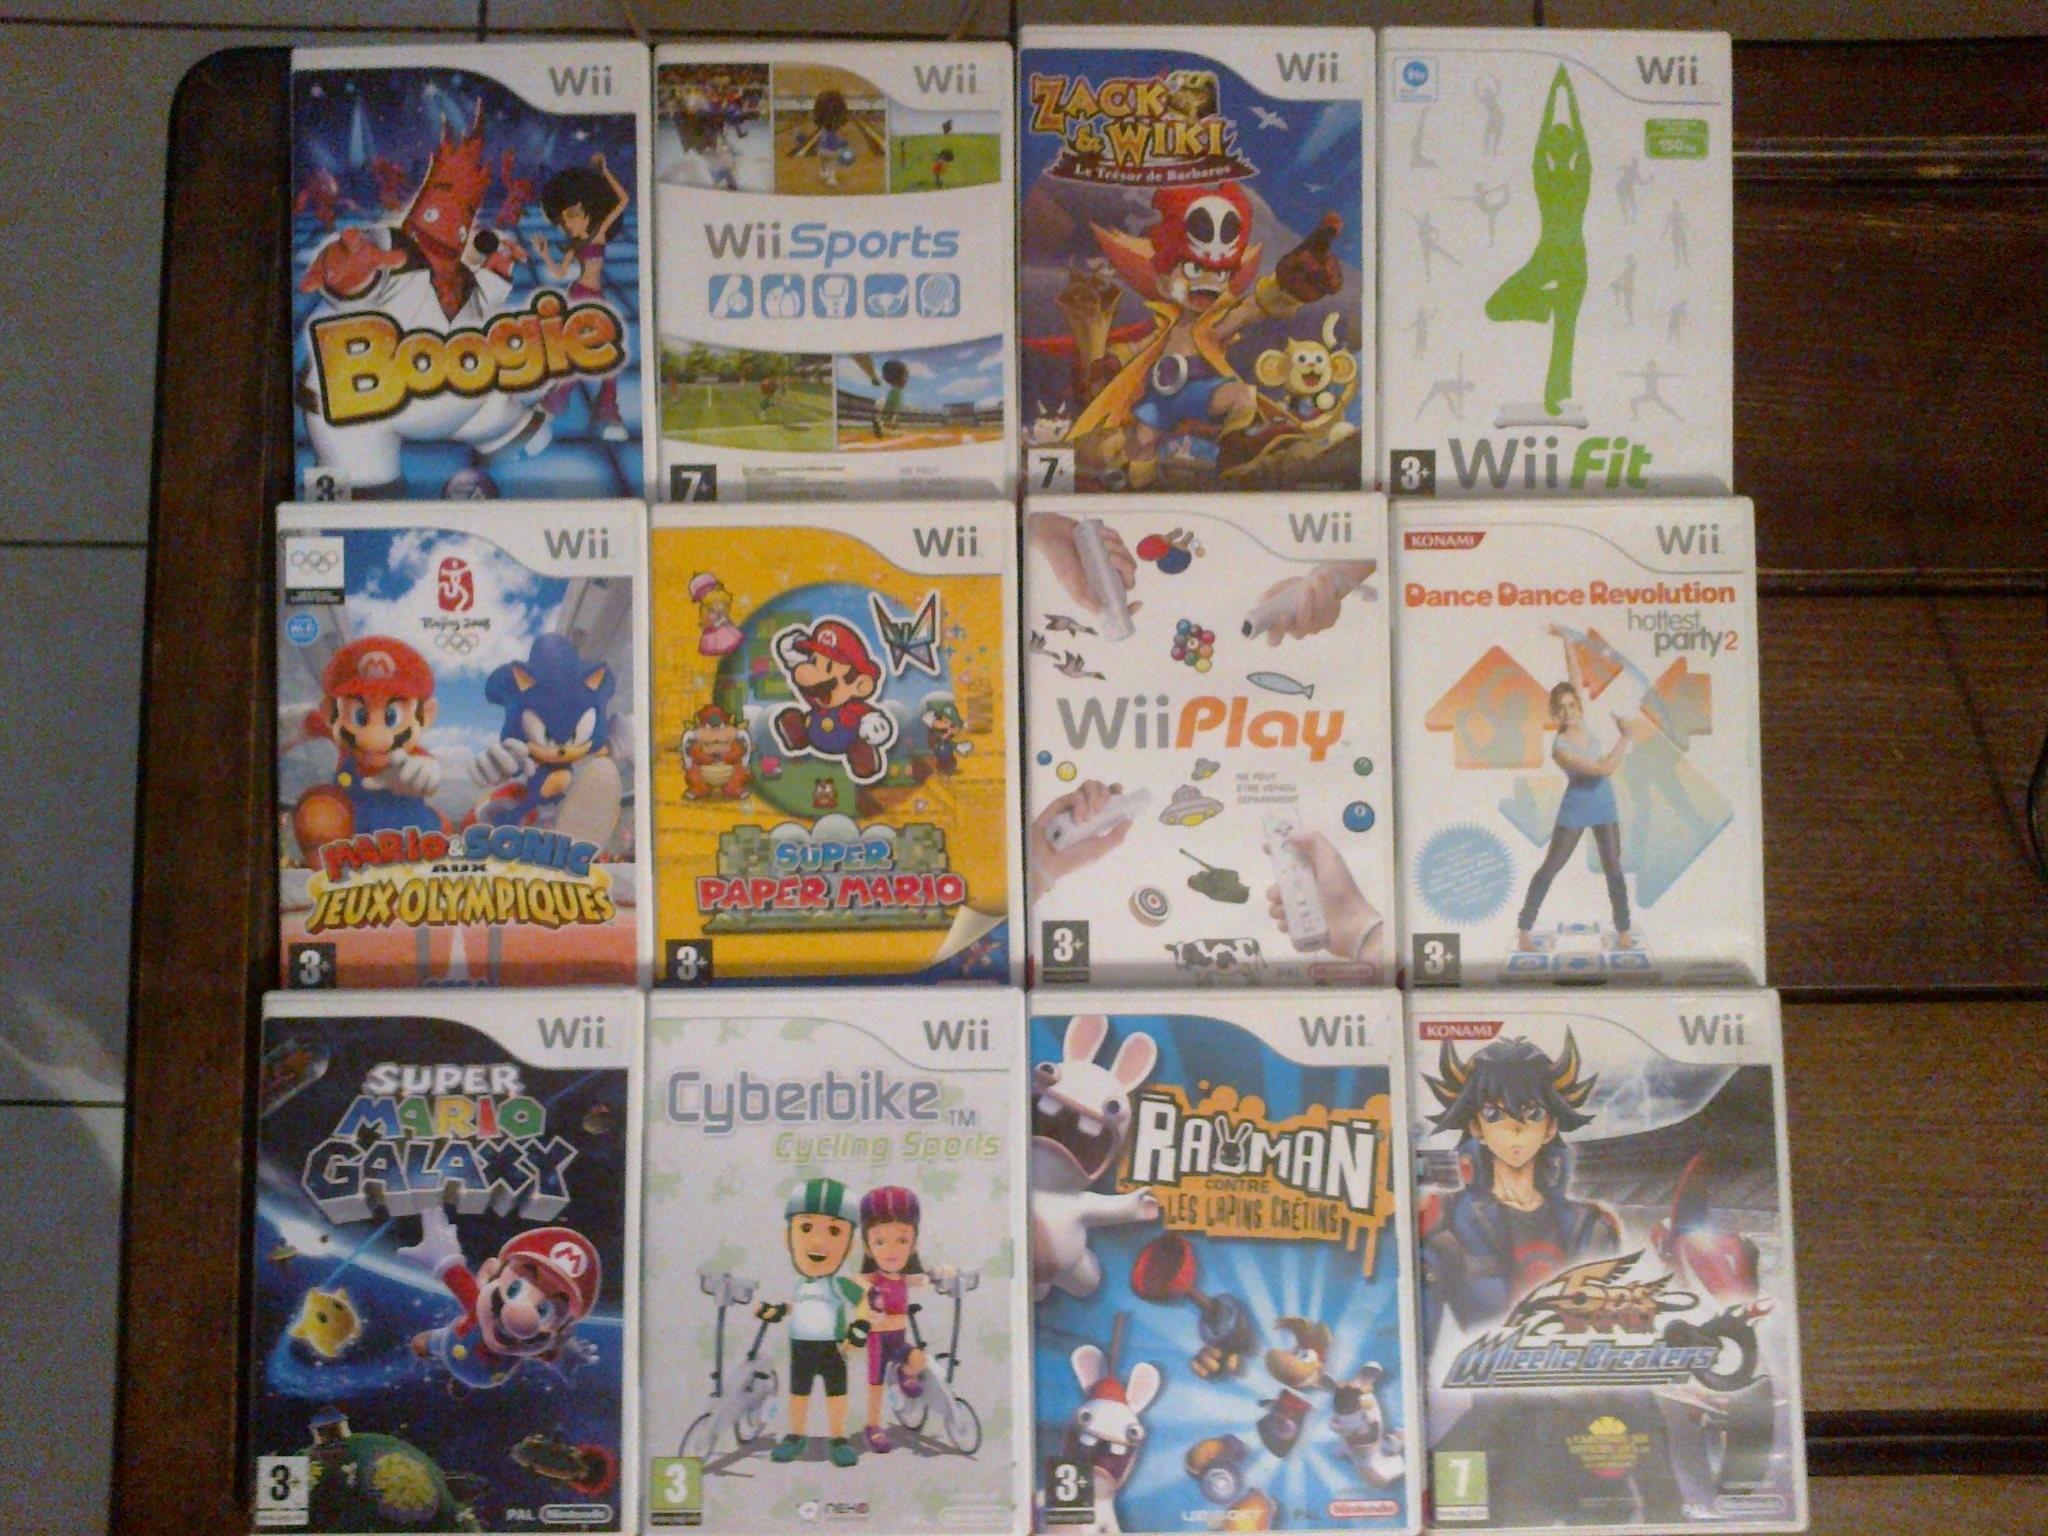 Ma Collection de Jeux vidéo Jeux%20Wii